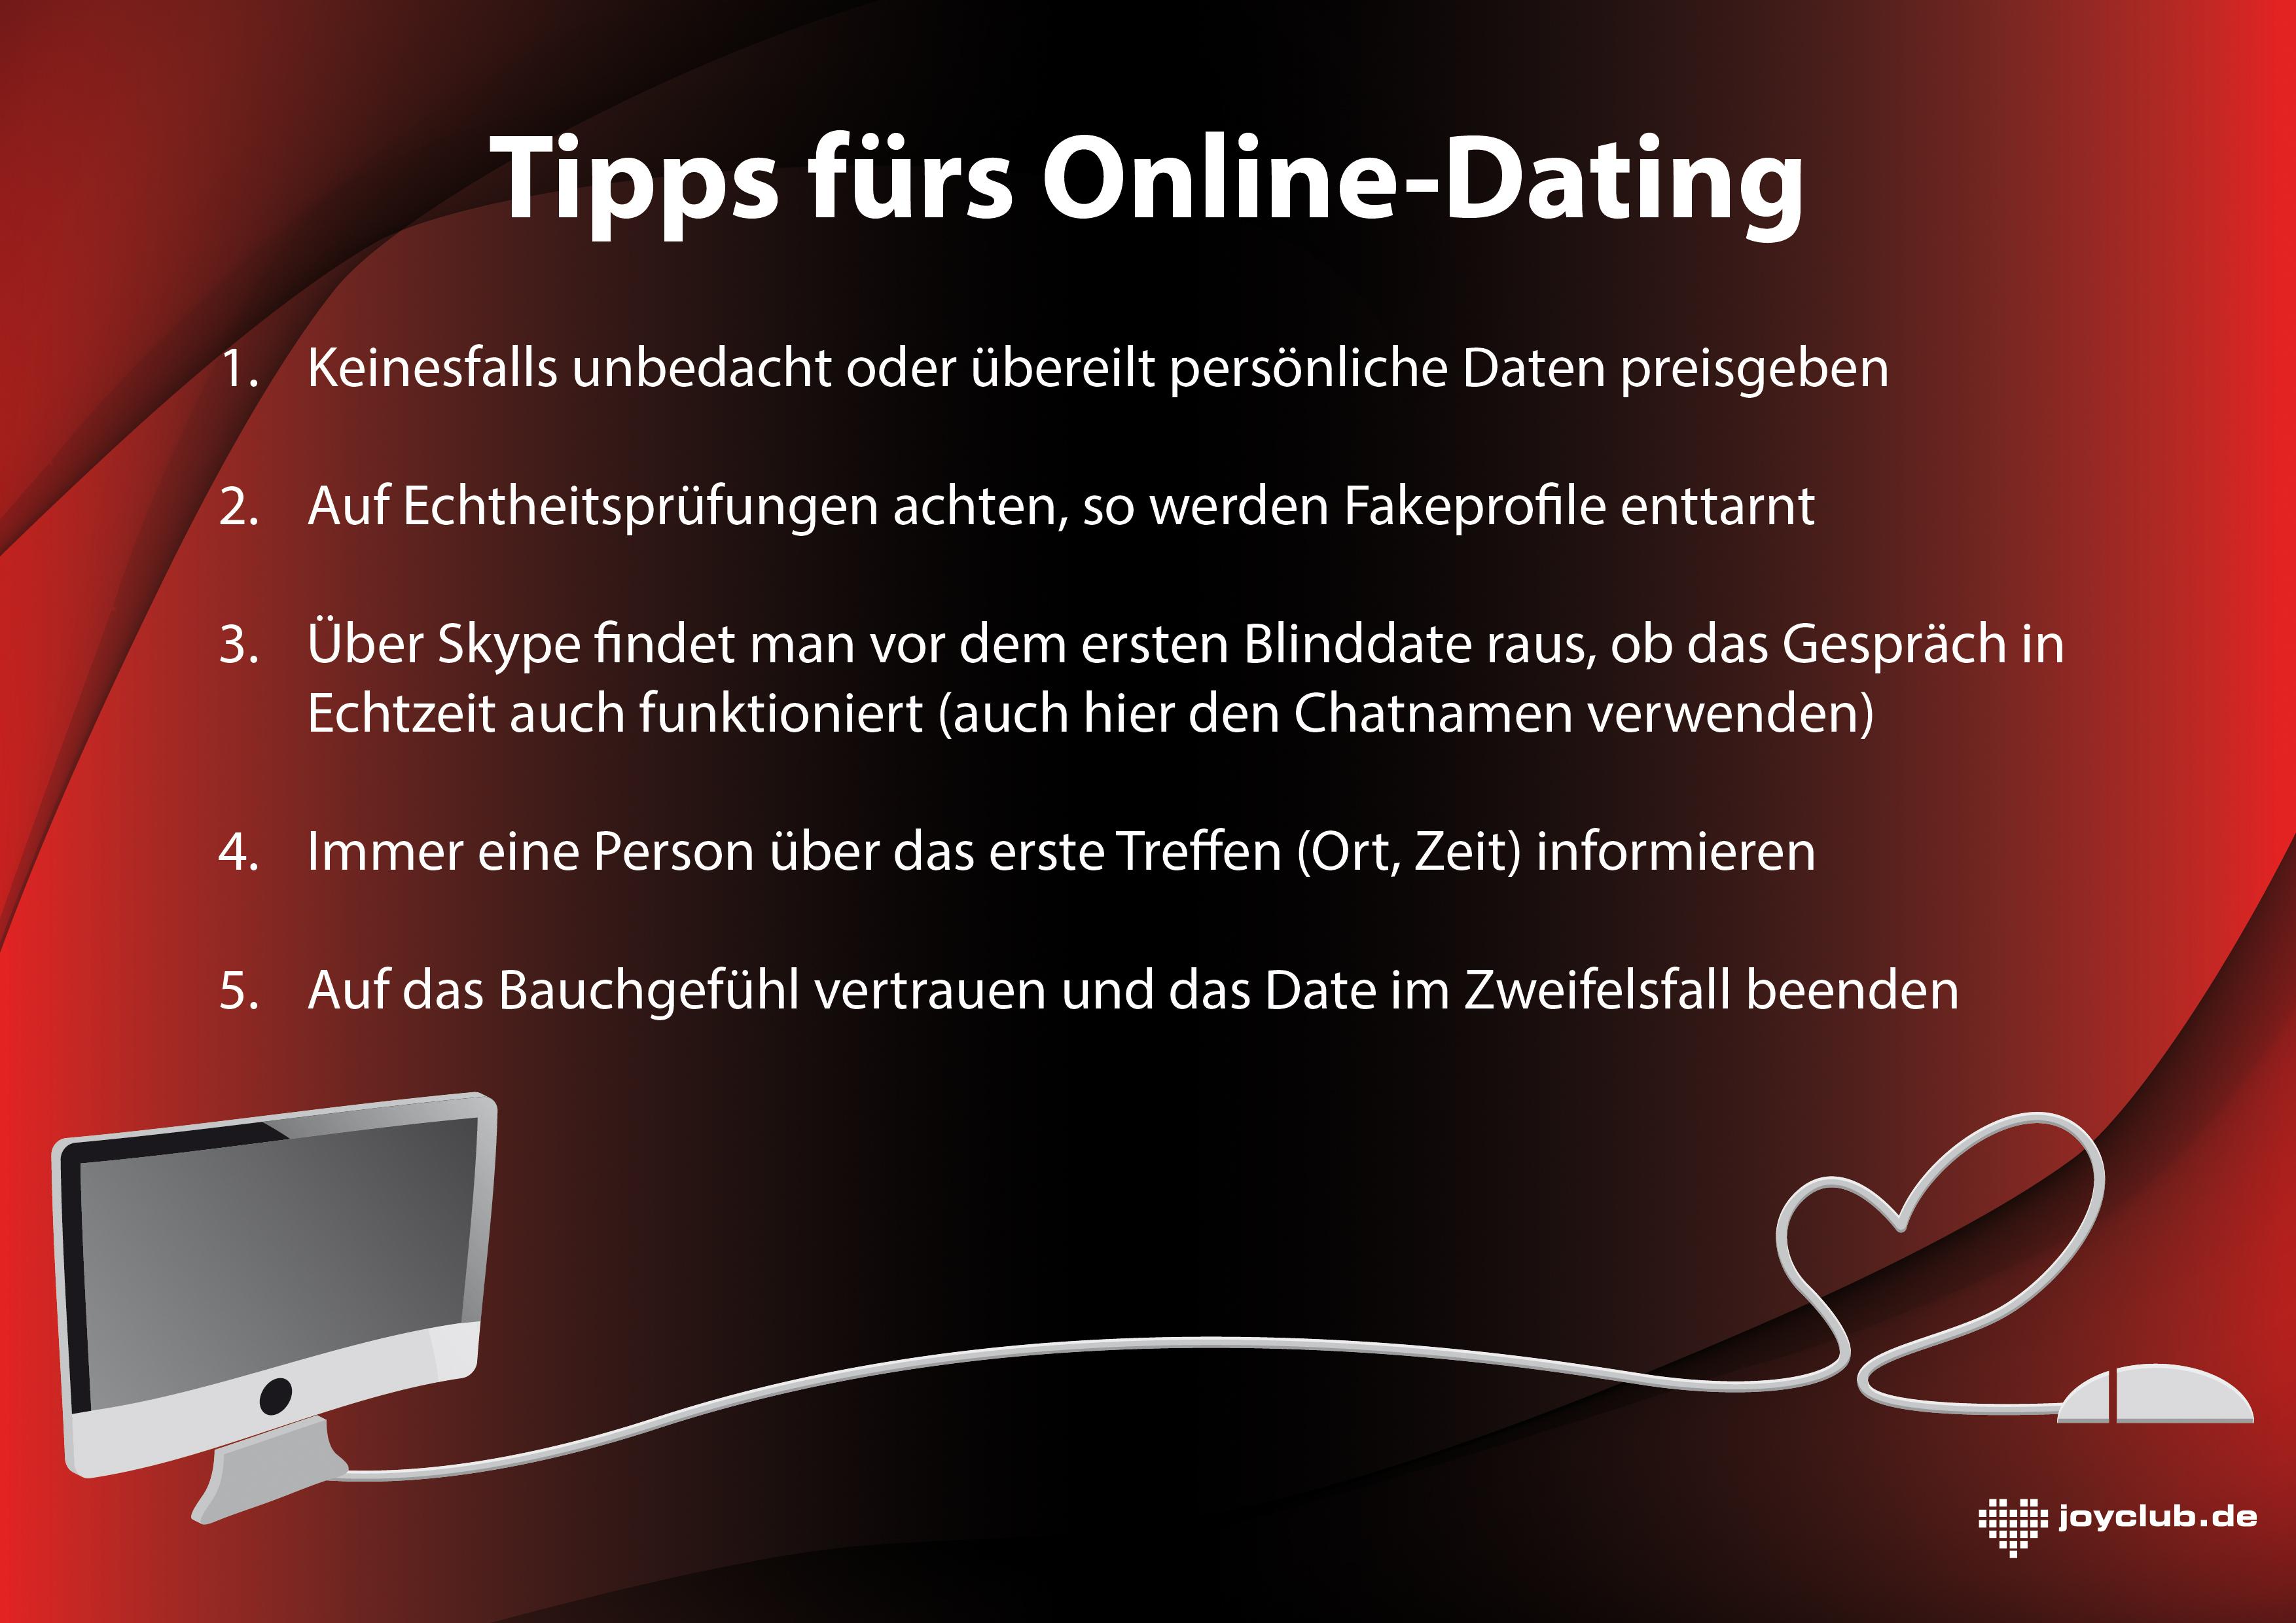 dating services sex treffen